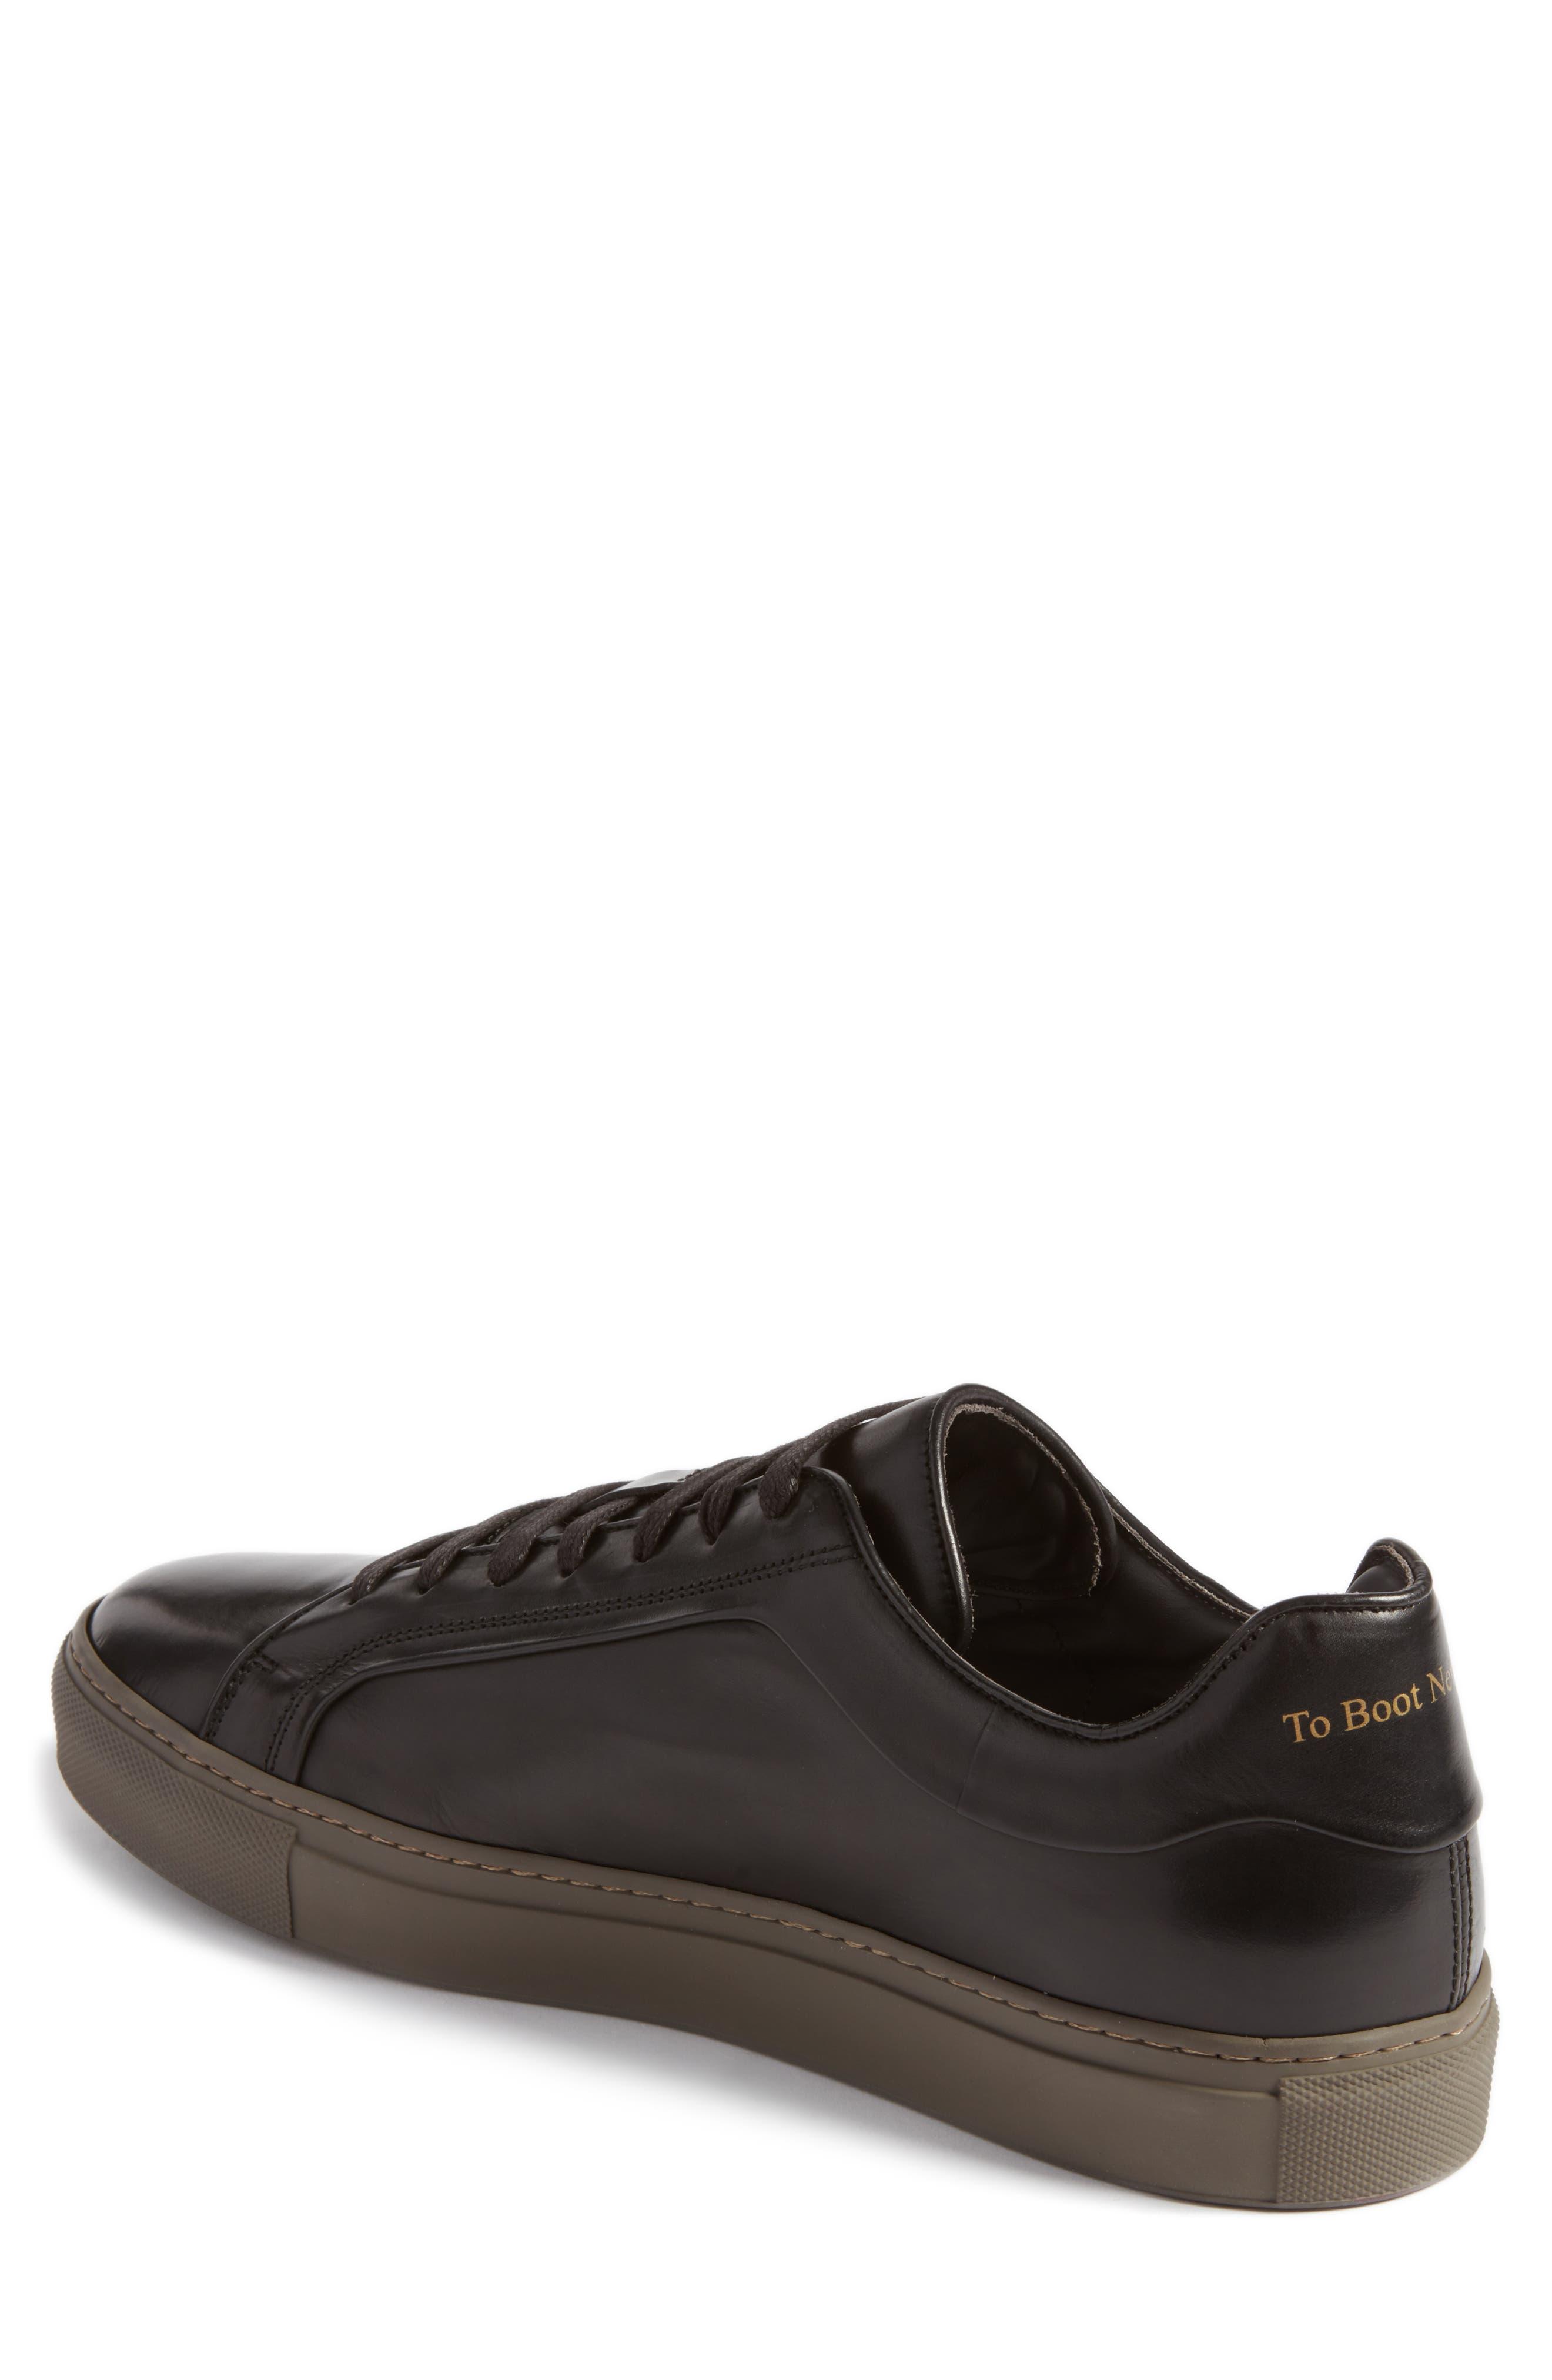 Marshall Sneaker,                             Alternate thumbnail 10, color,